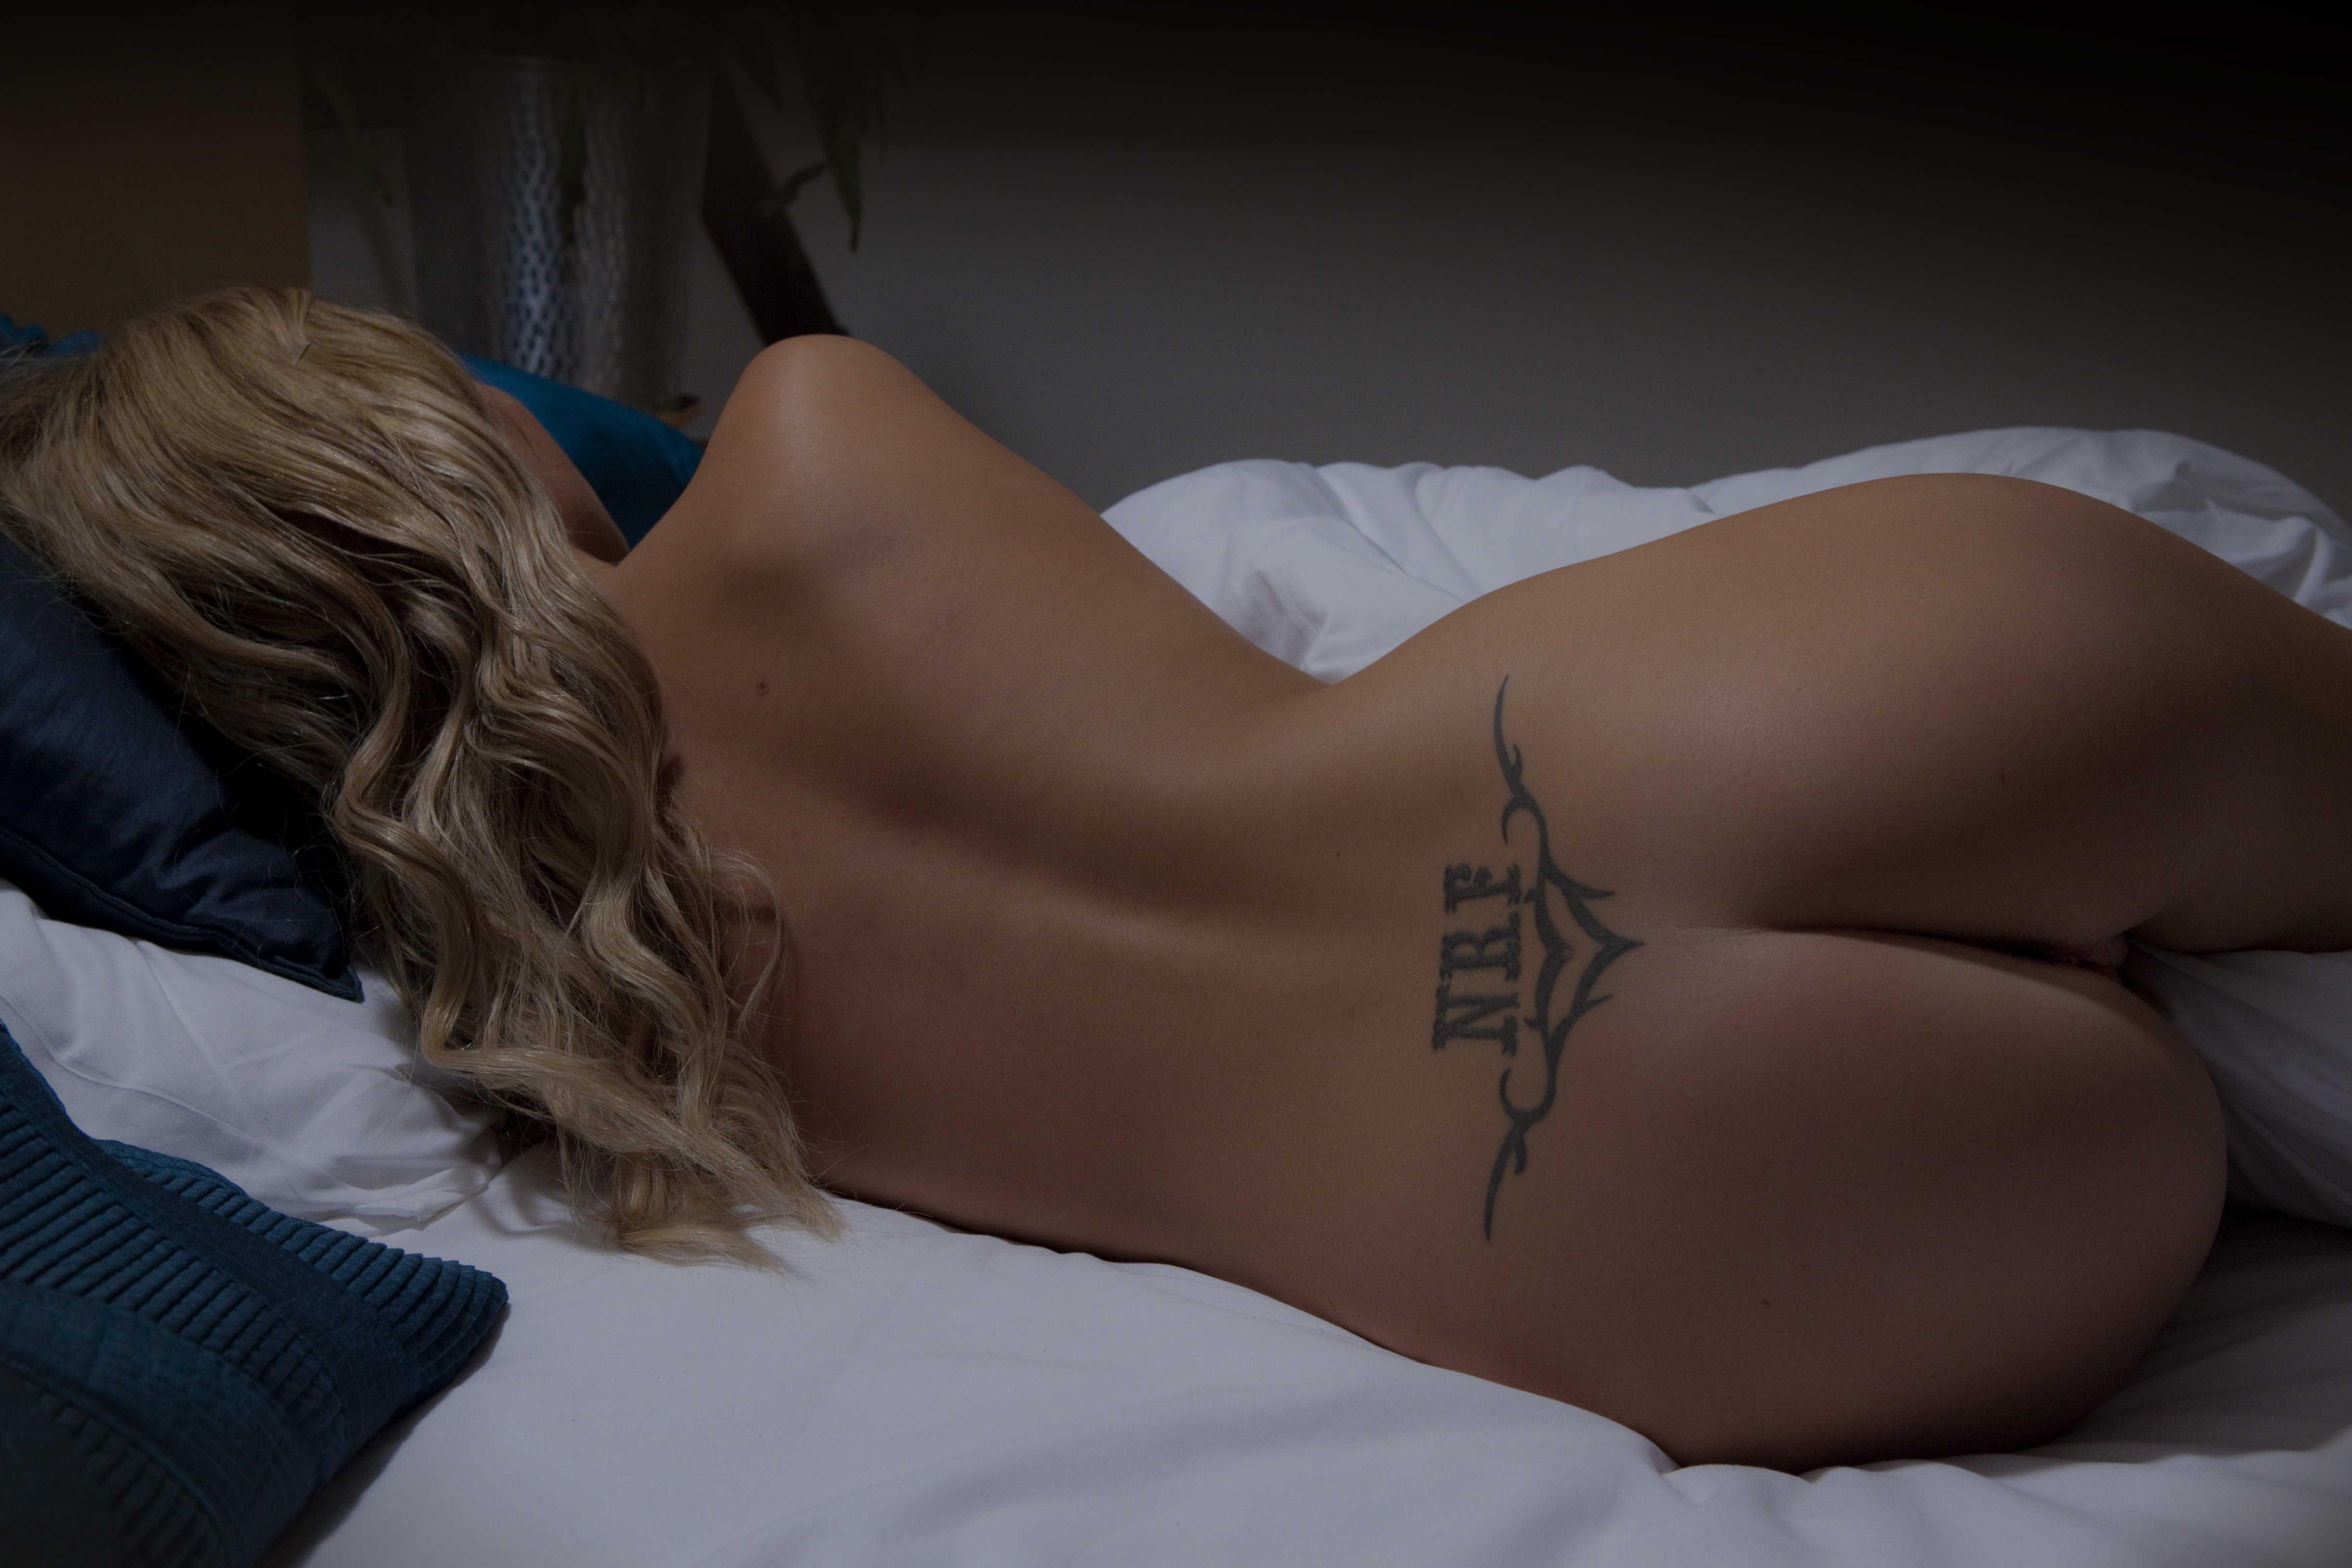 Wallpaper Tattoo, Ass, Bed, Pillow, Sleep, Blonde, Naked -9742